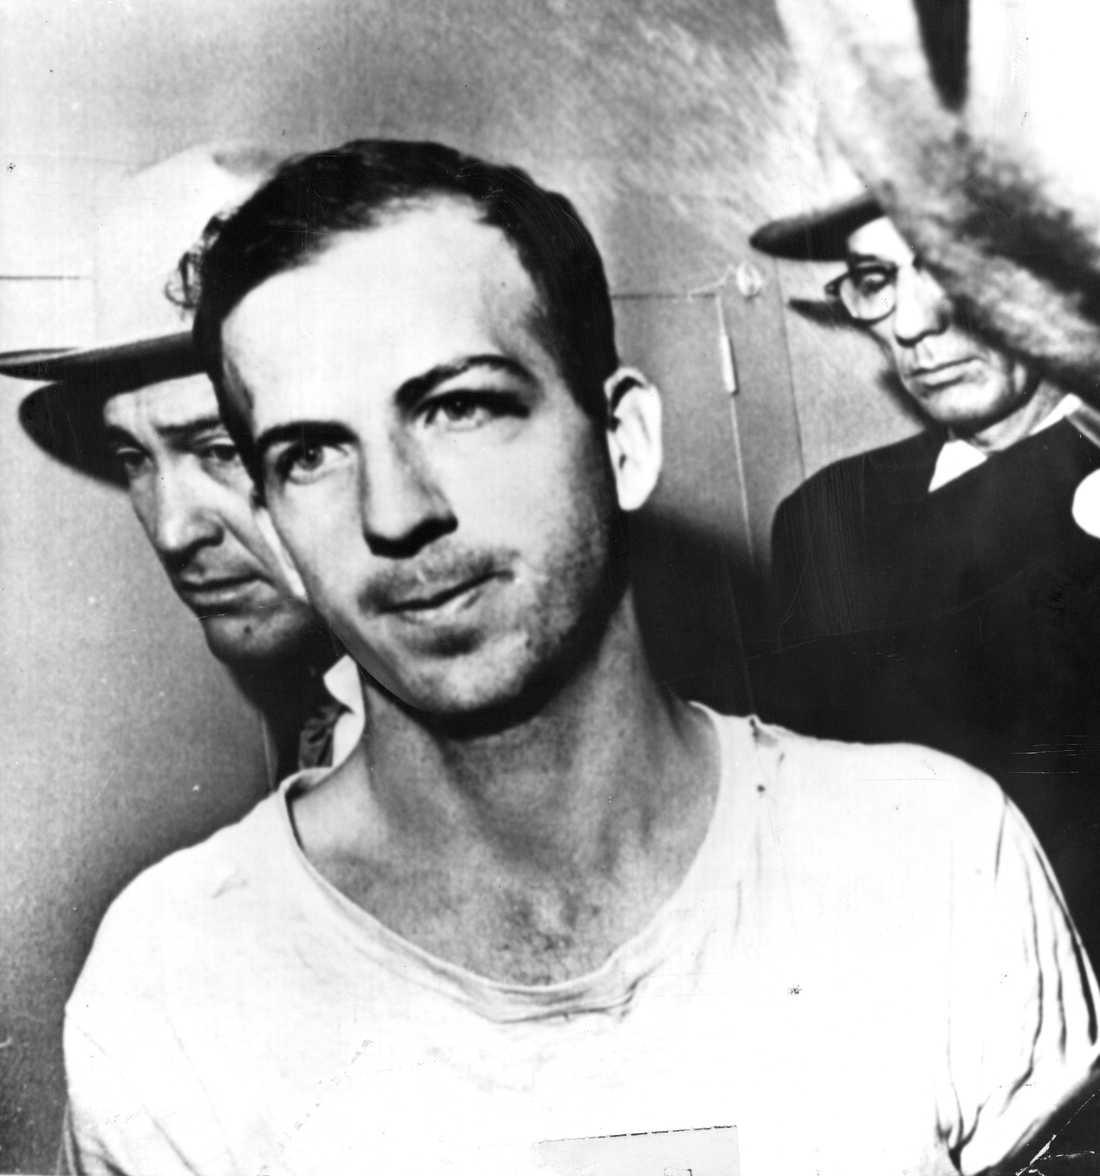 Lee Harvey Oswald flyttas från sin cell till ett förhör.